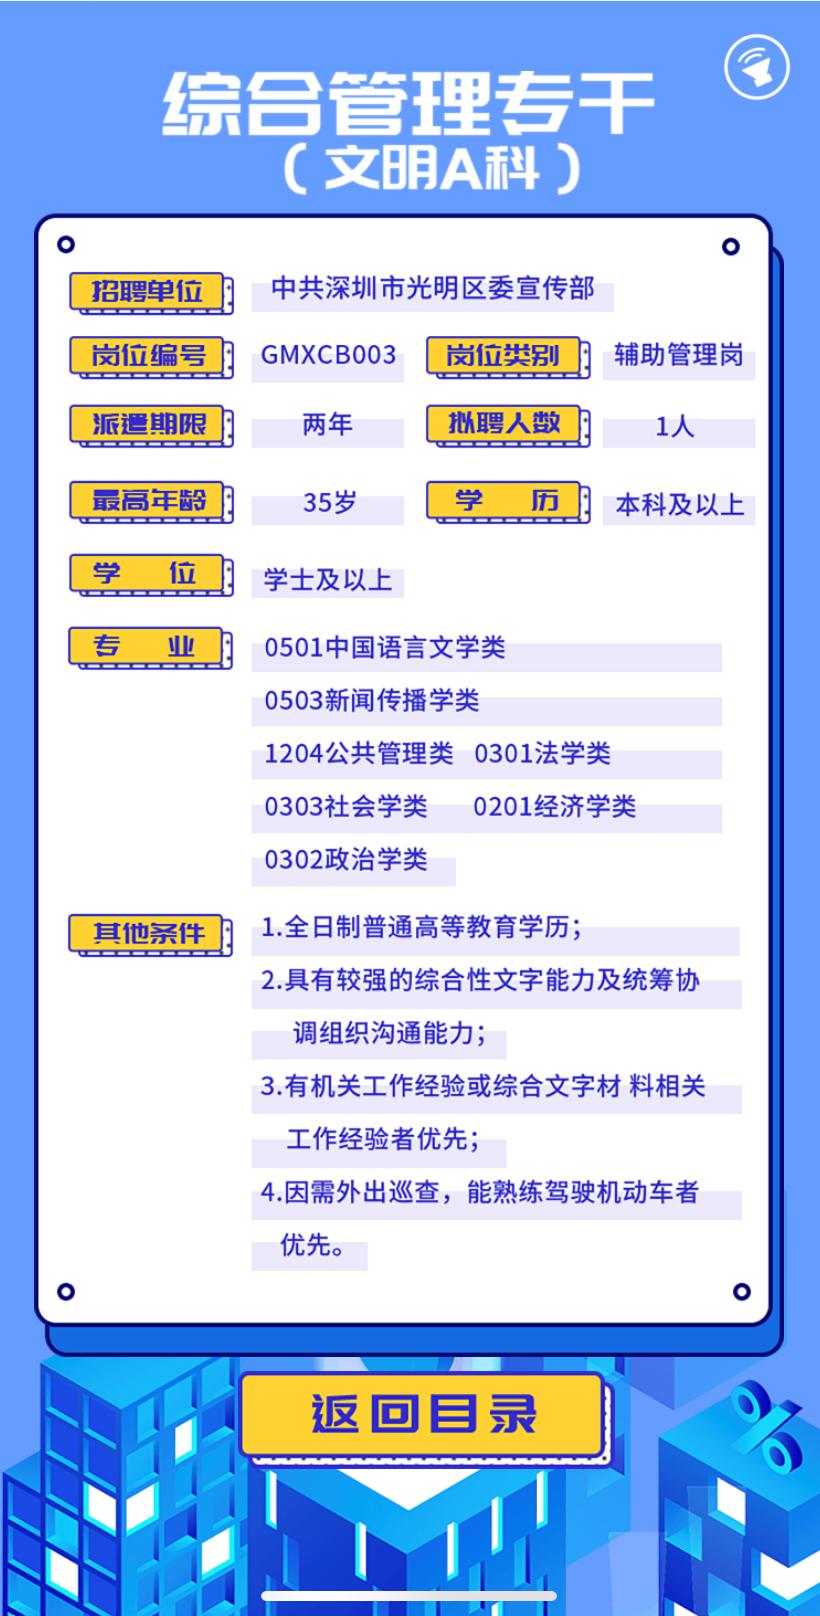 中共深圳市光明区委宣传部公开招聘专干